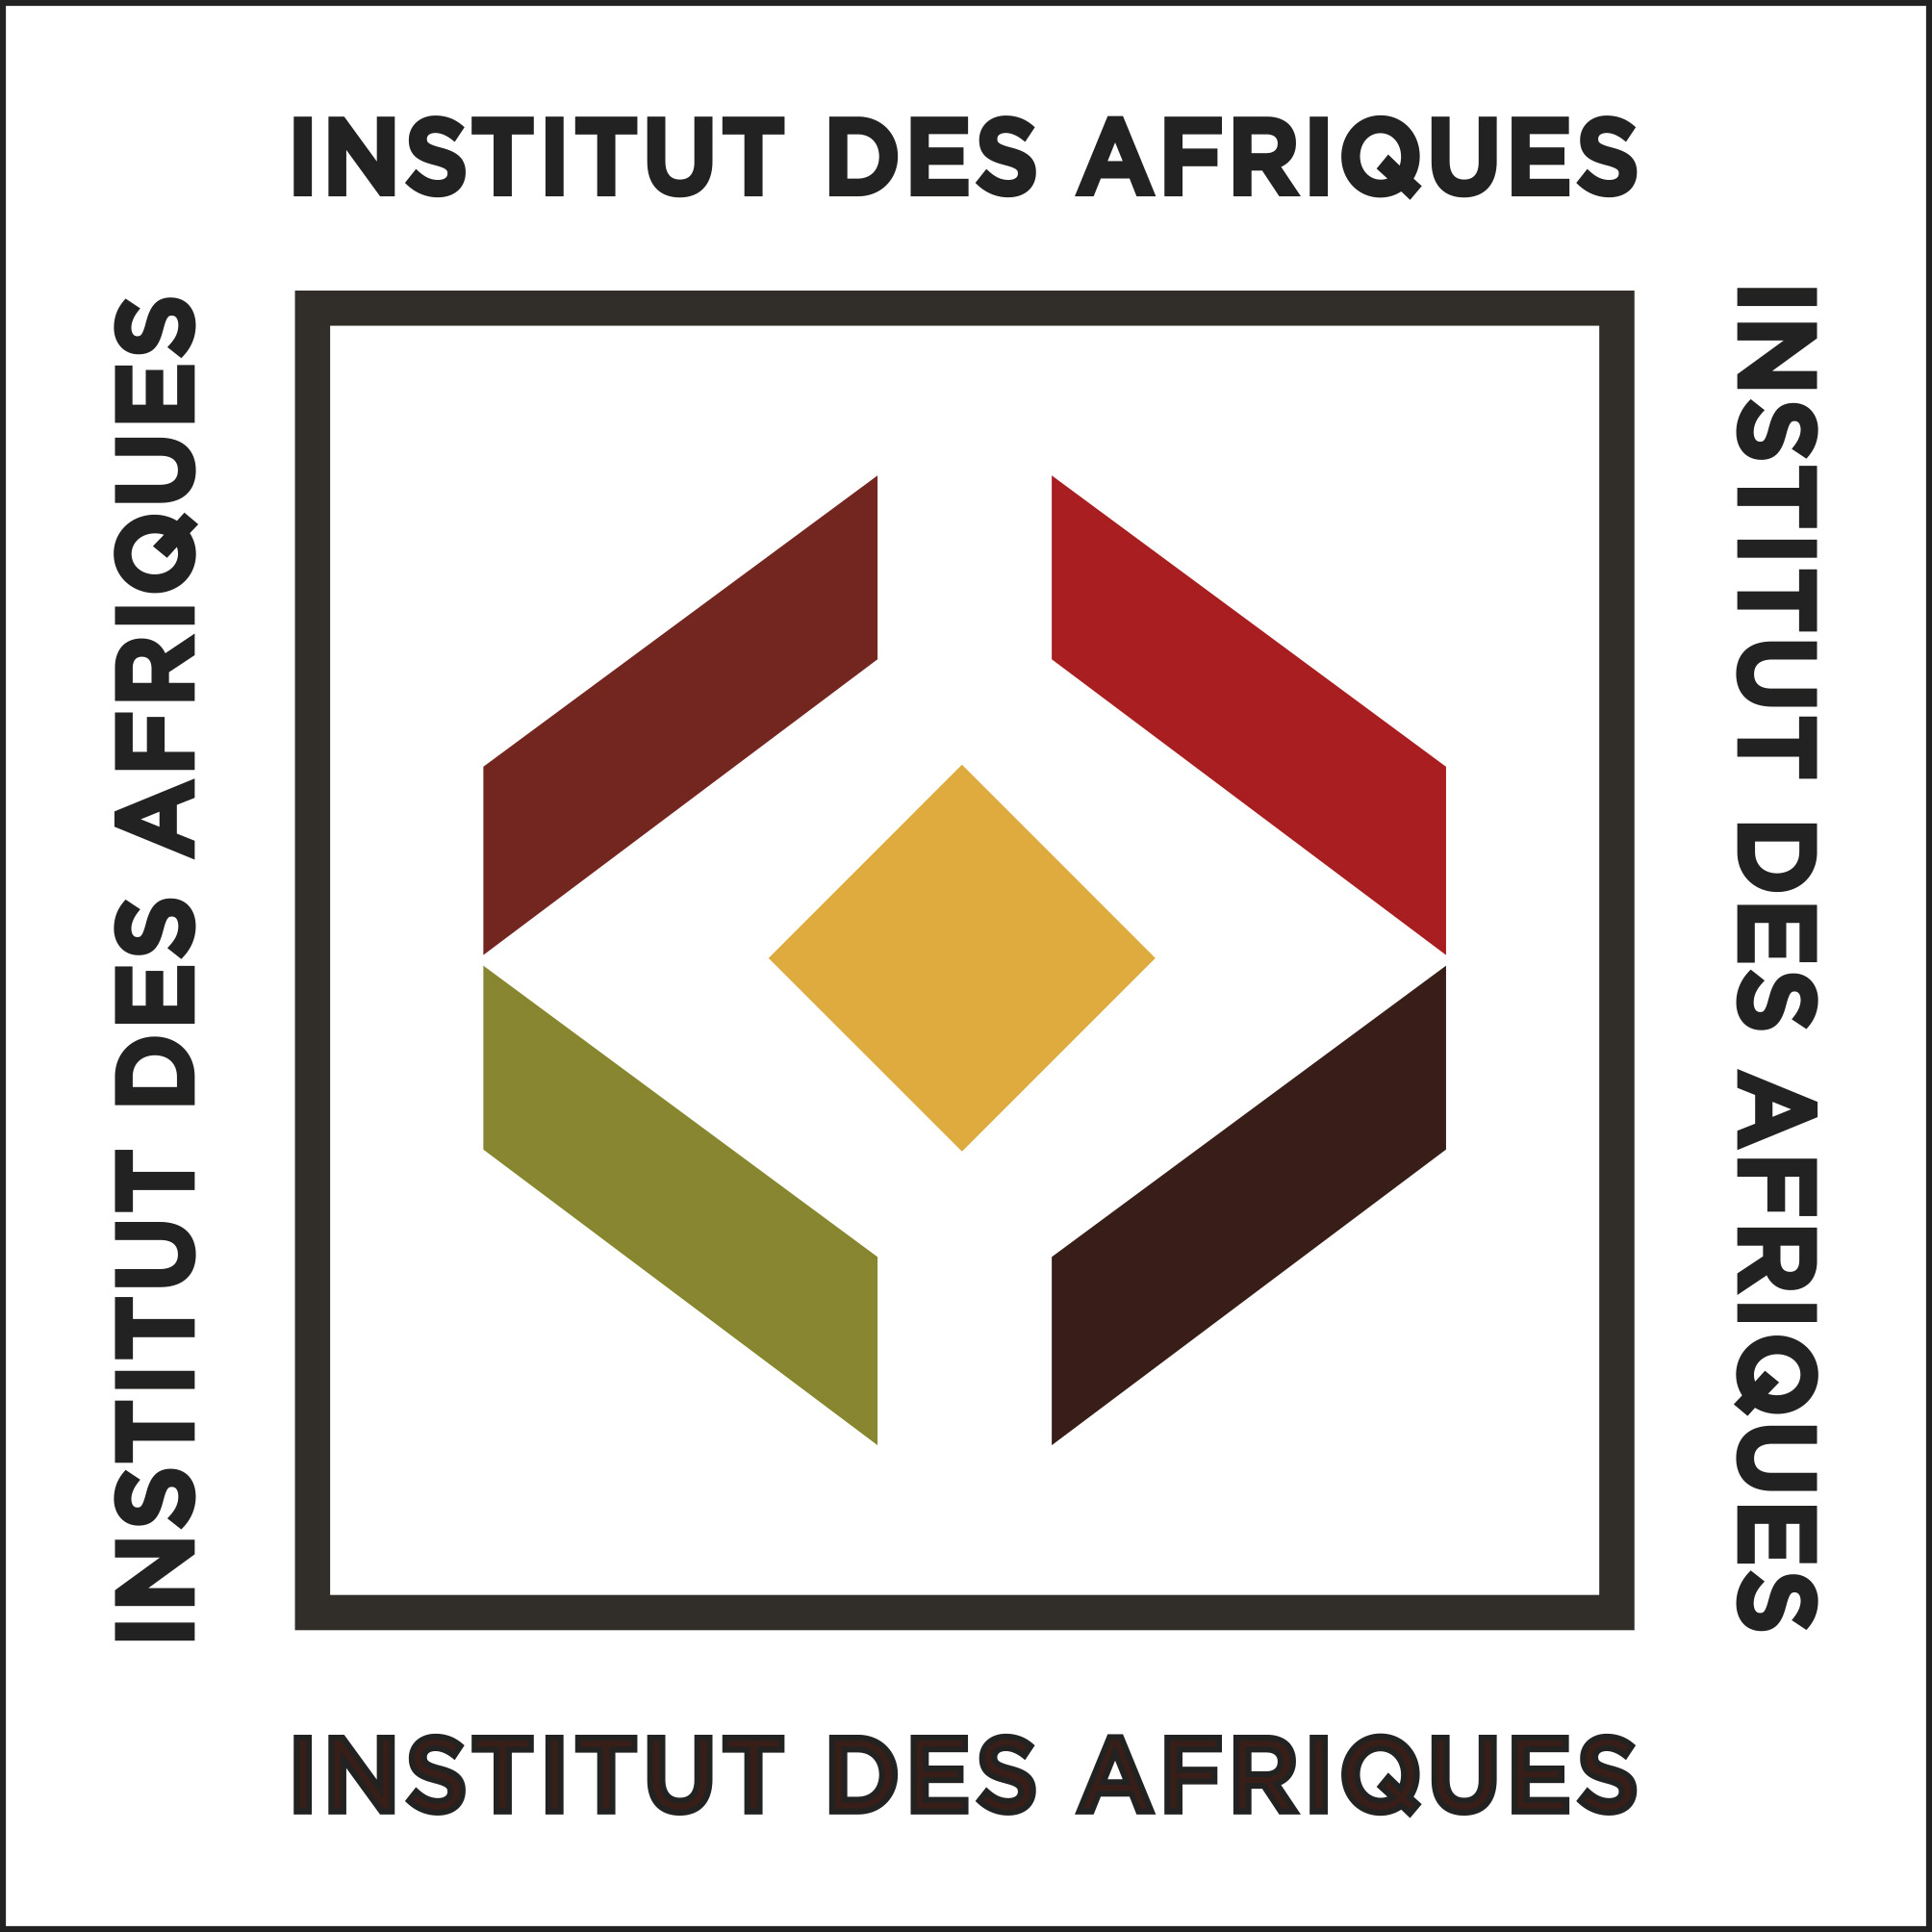 """Résultat de recherche d'images pour """"Institut des afriques logo"""""""